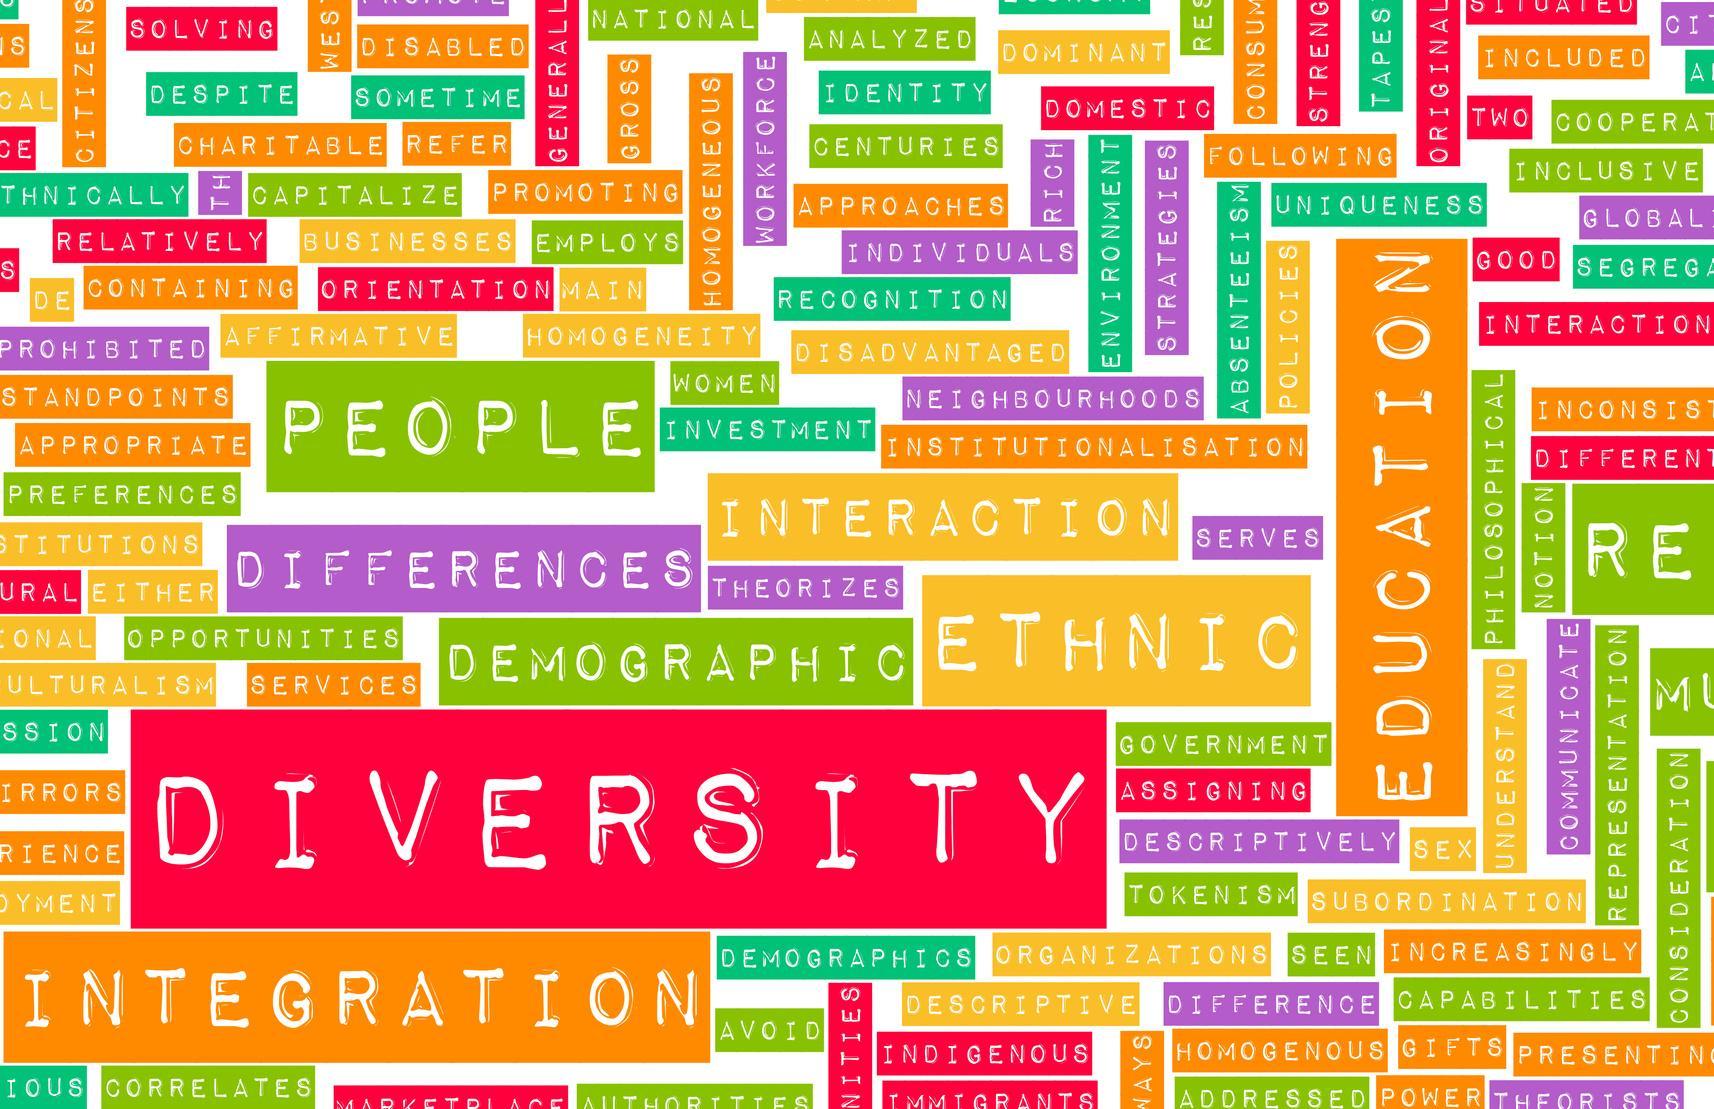 Diversity, social interaction and solidarity